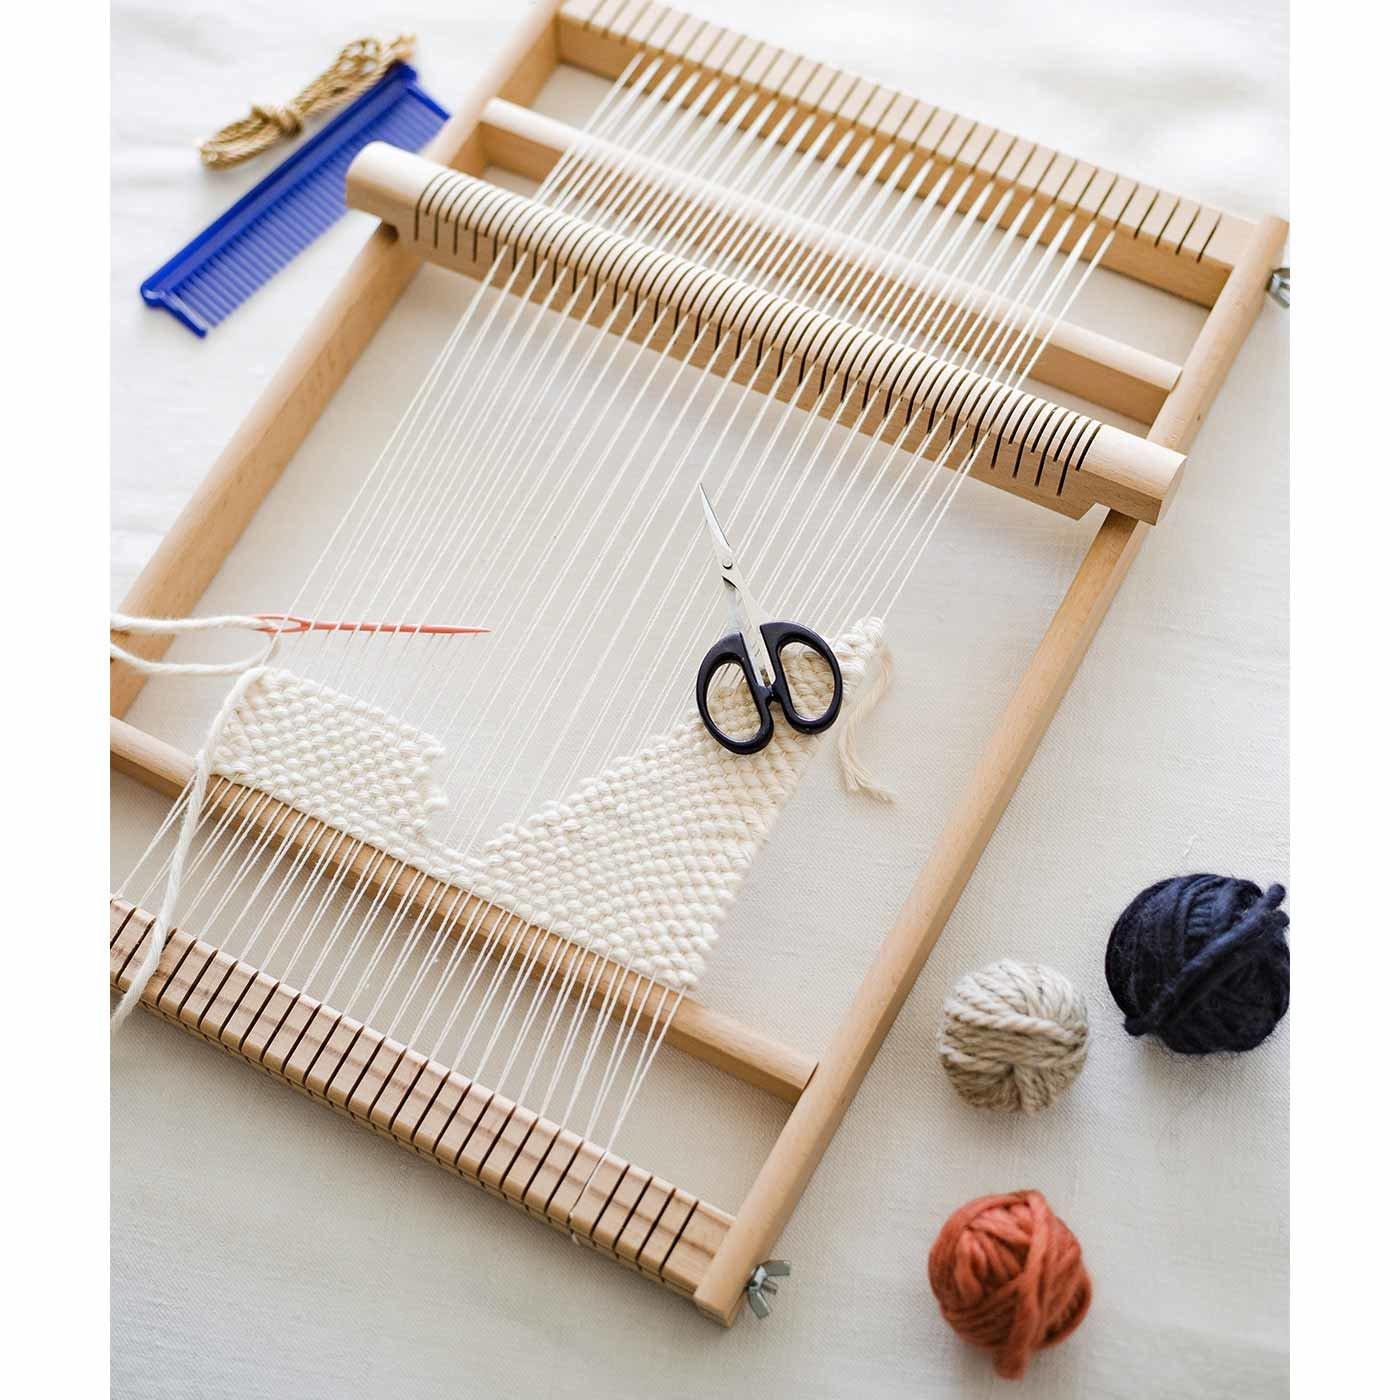 置いてるだけでインテリアになる ドイツの木製織り機&ひも用はさみのセット